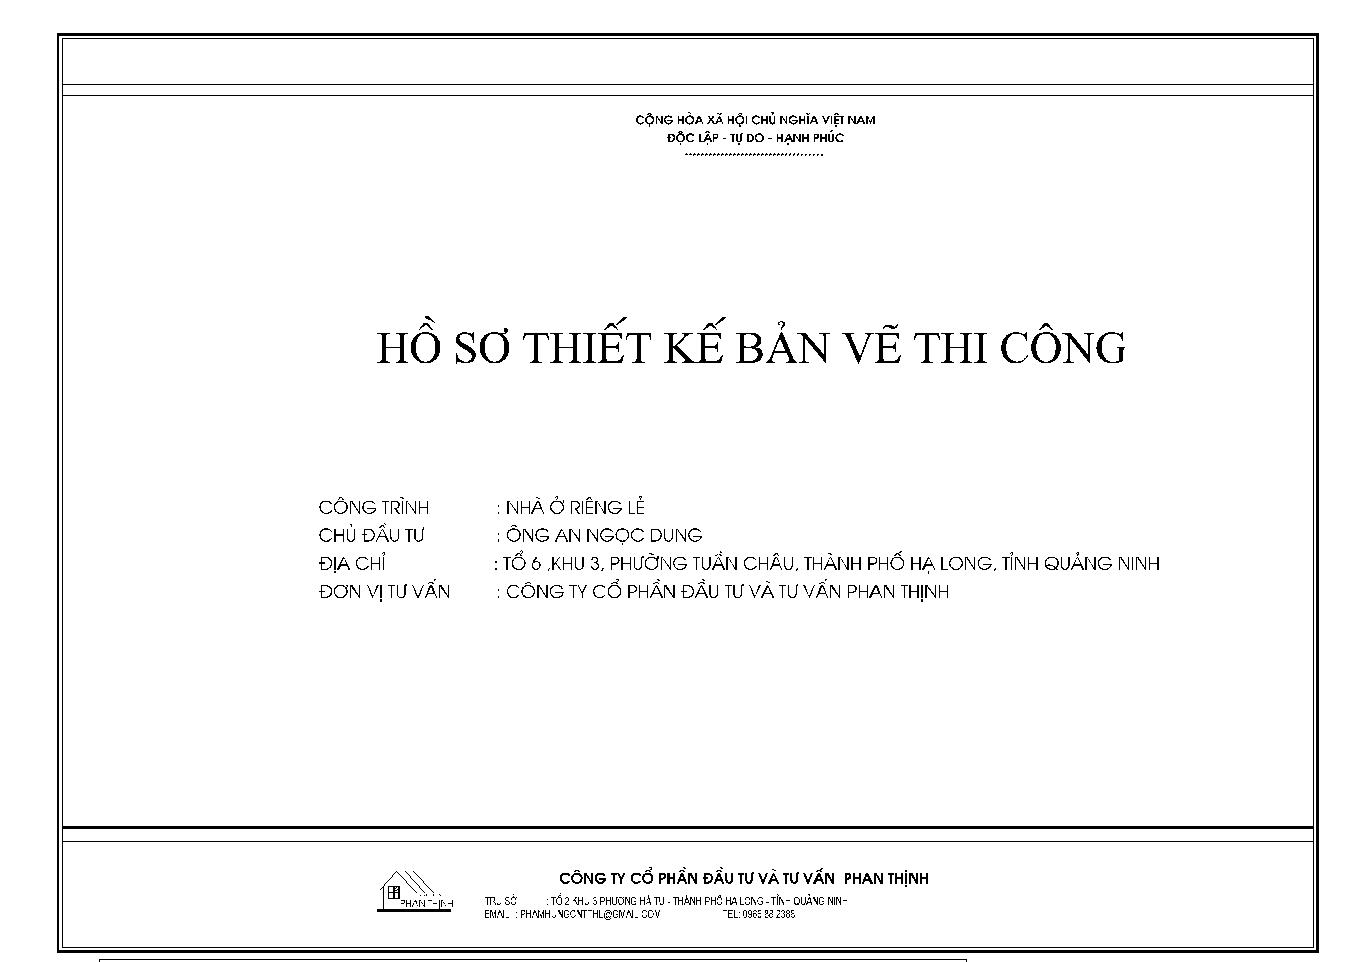 Bìa hồ sơ thiết kế bản vẽ thi công